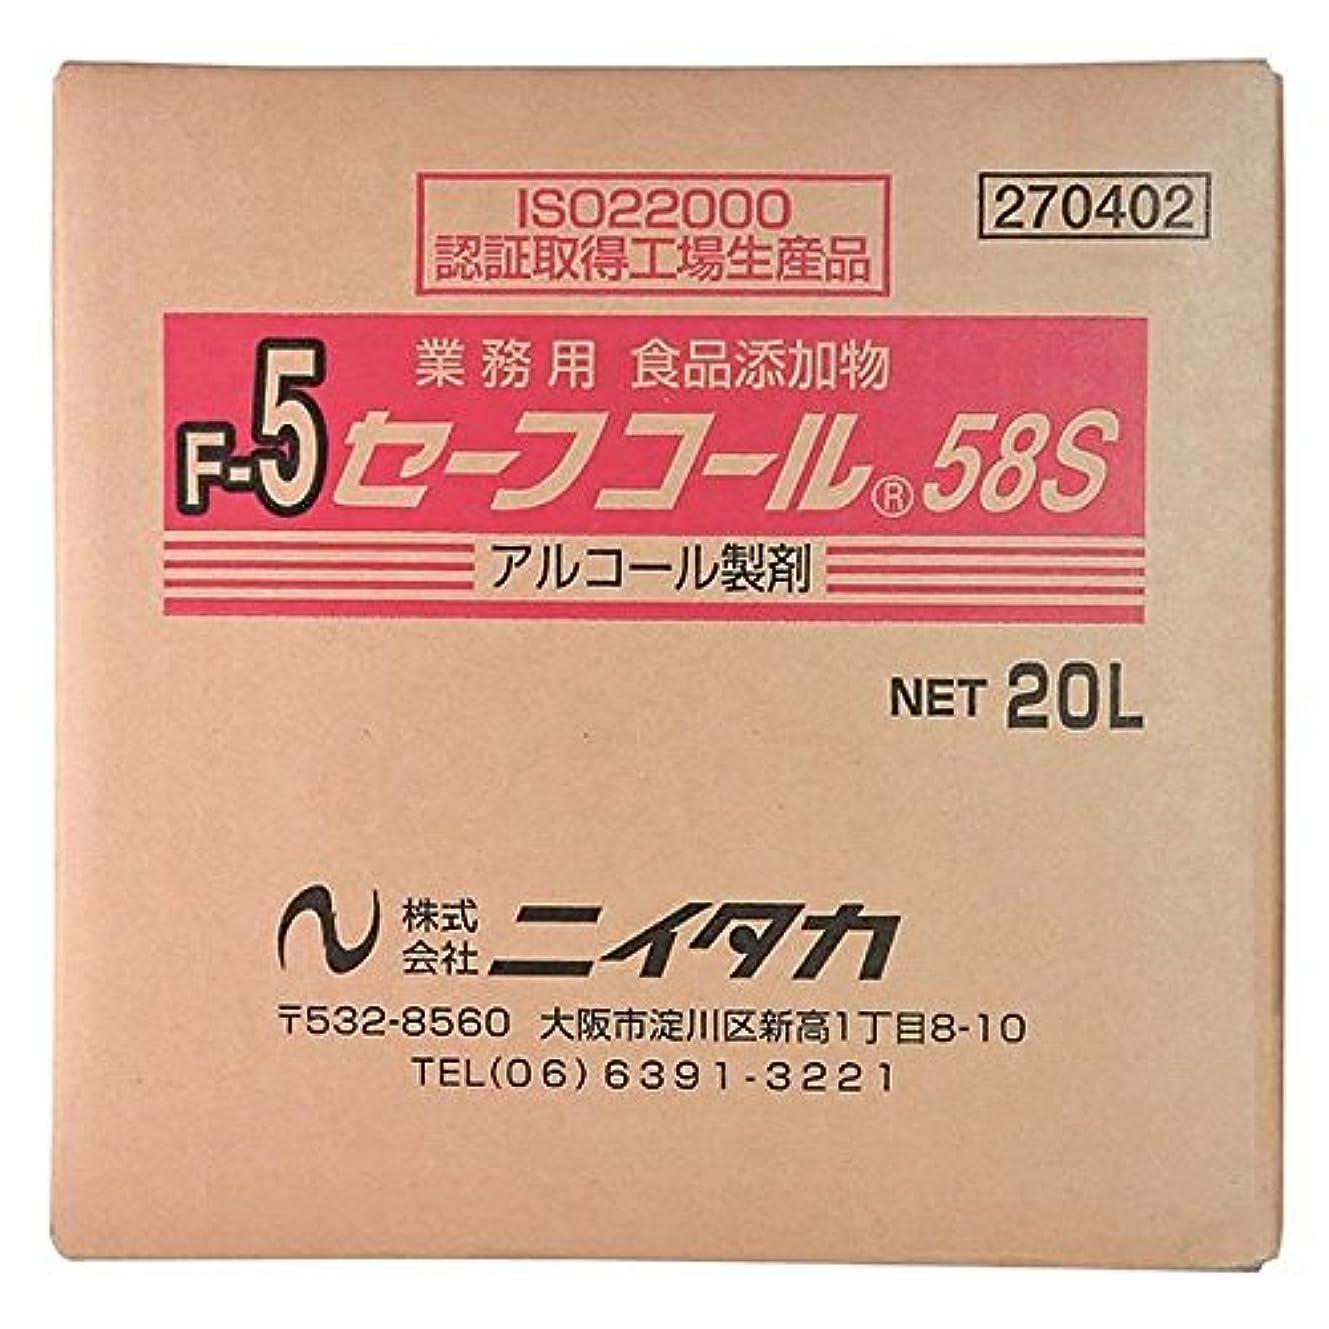 入札節約するに慣れニイタカ:セーフコール58S(F-5) 20L(BIB) 270402